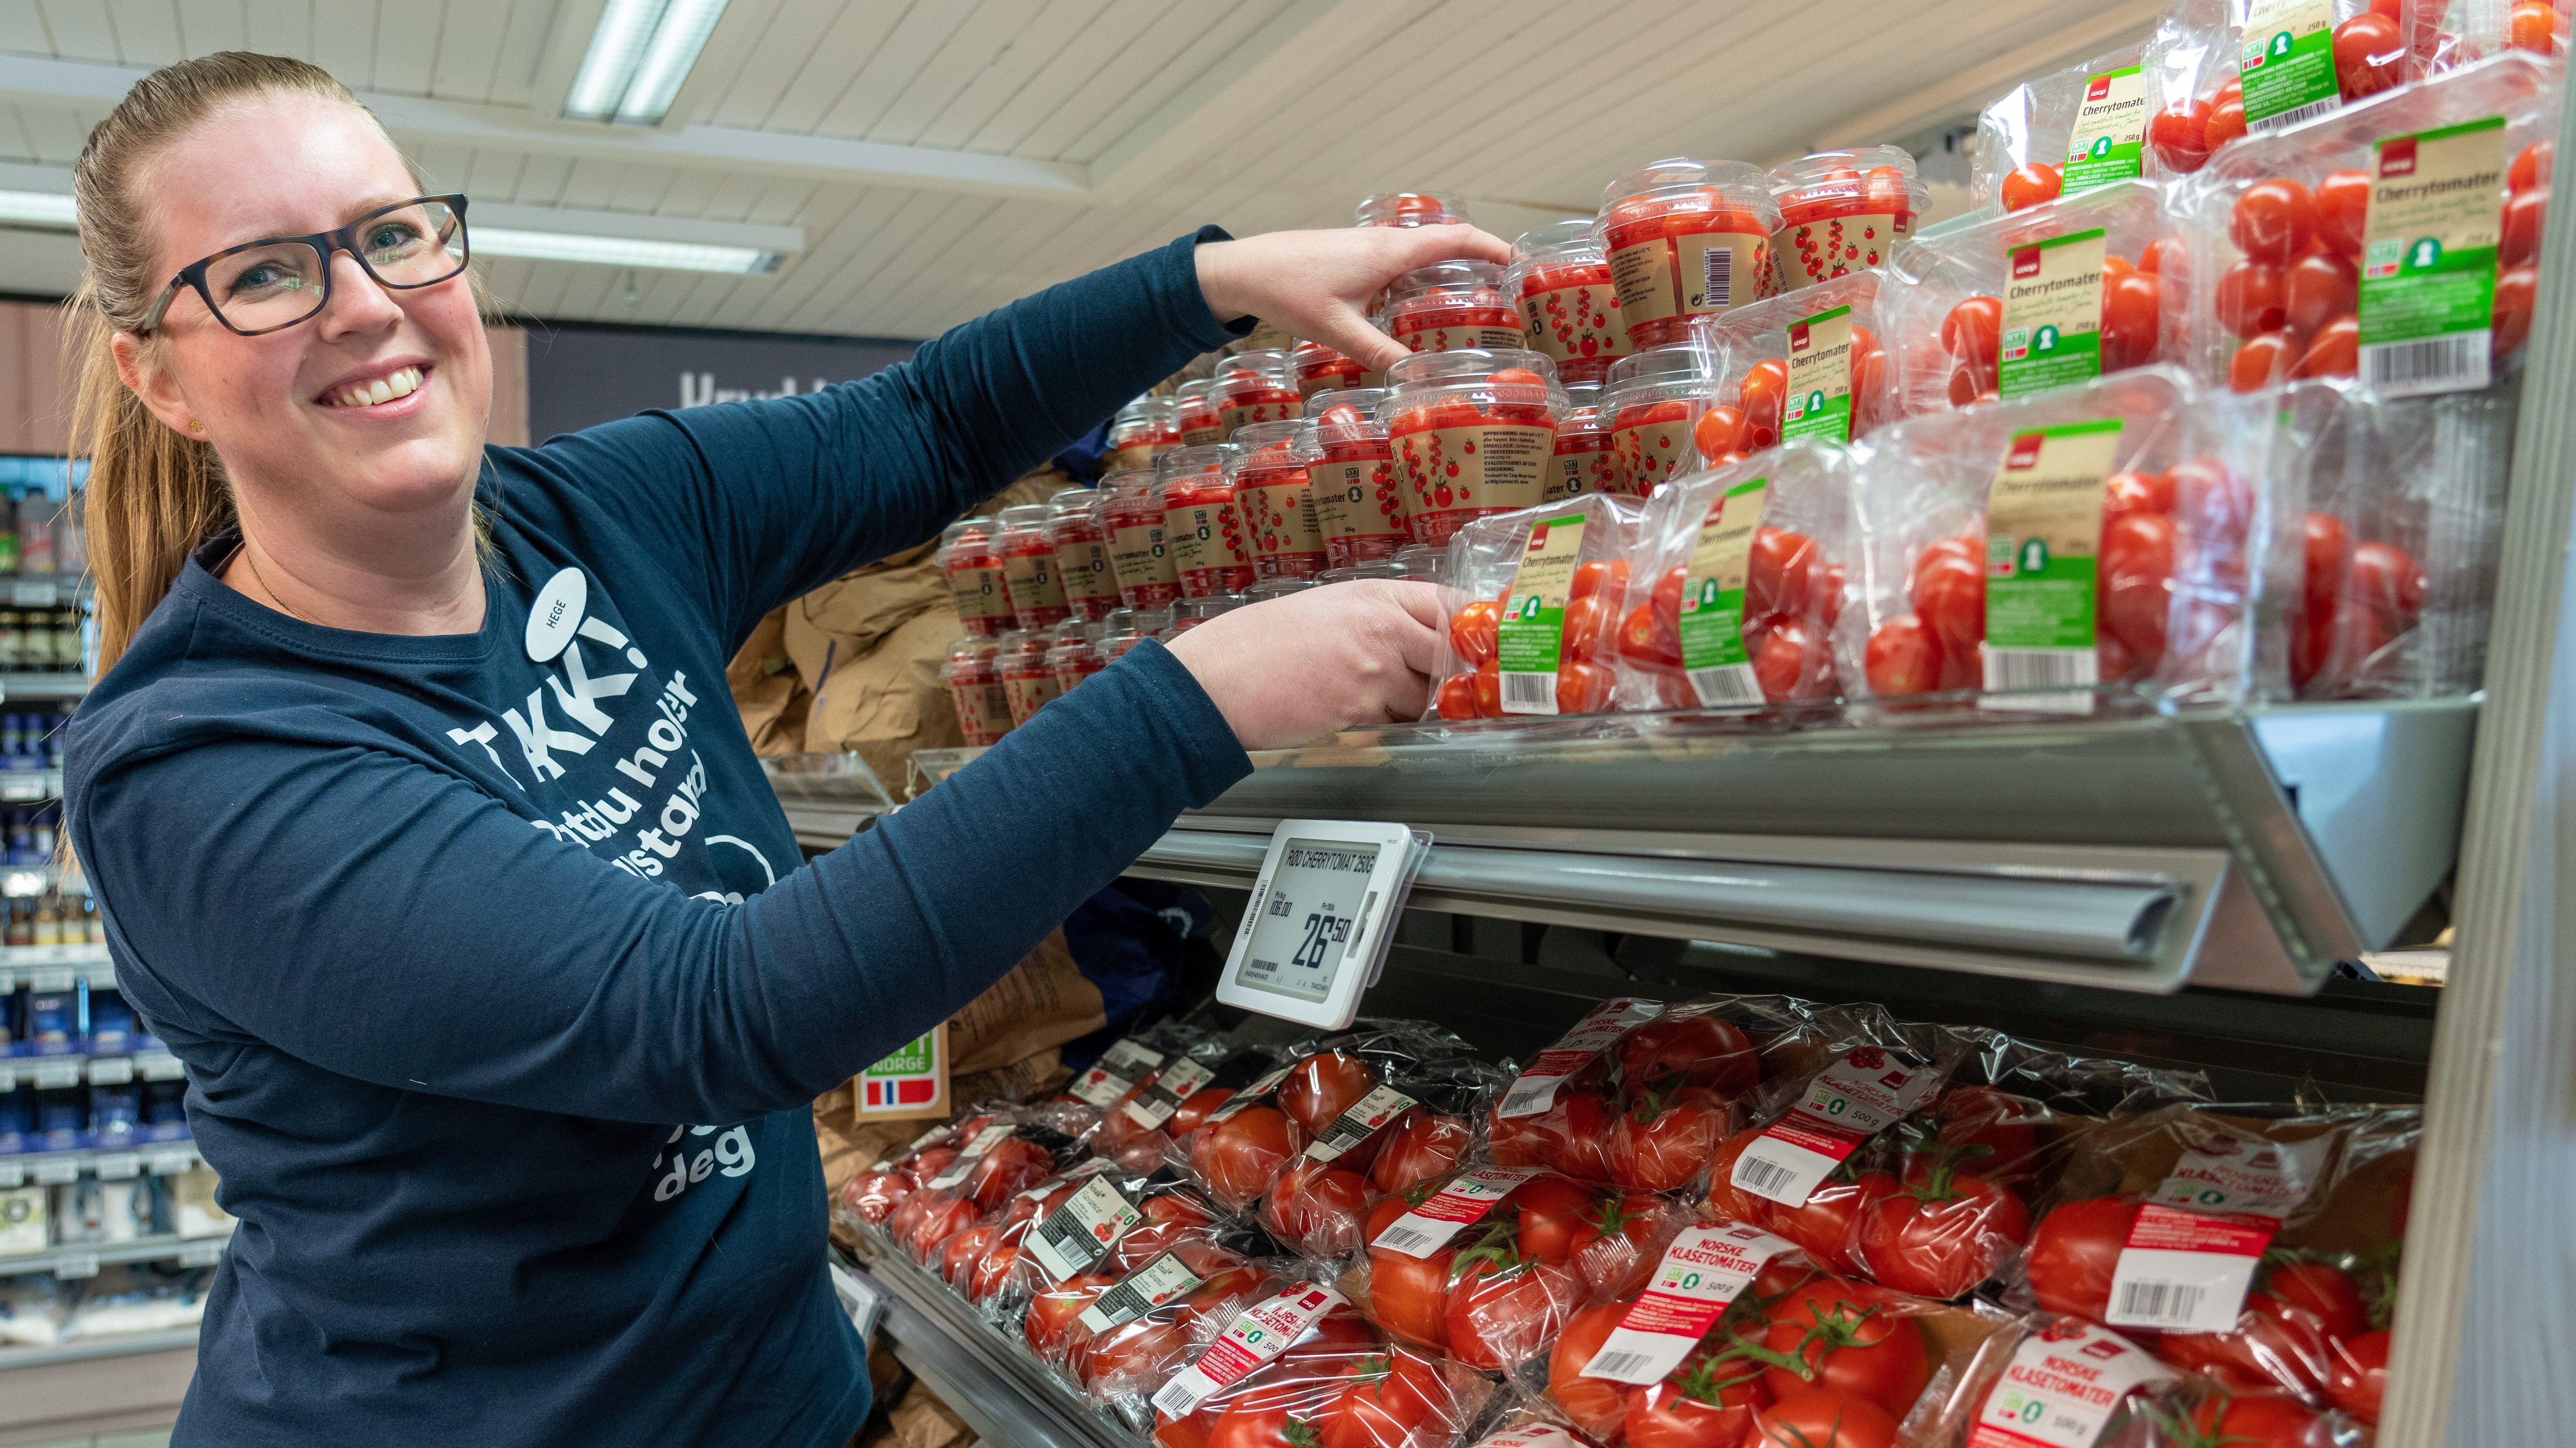 SATSER PÅ FRUKT OG GRØNT: Coop Prix Drangeid satser på norsk frukt og grønt, og butikksjef Hege Kaland sin personlig favoritt er perletomater.